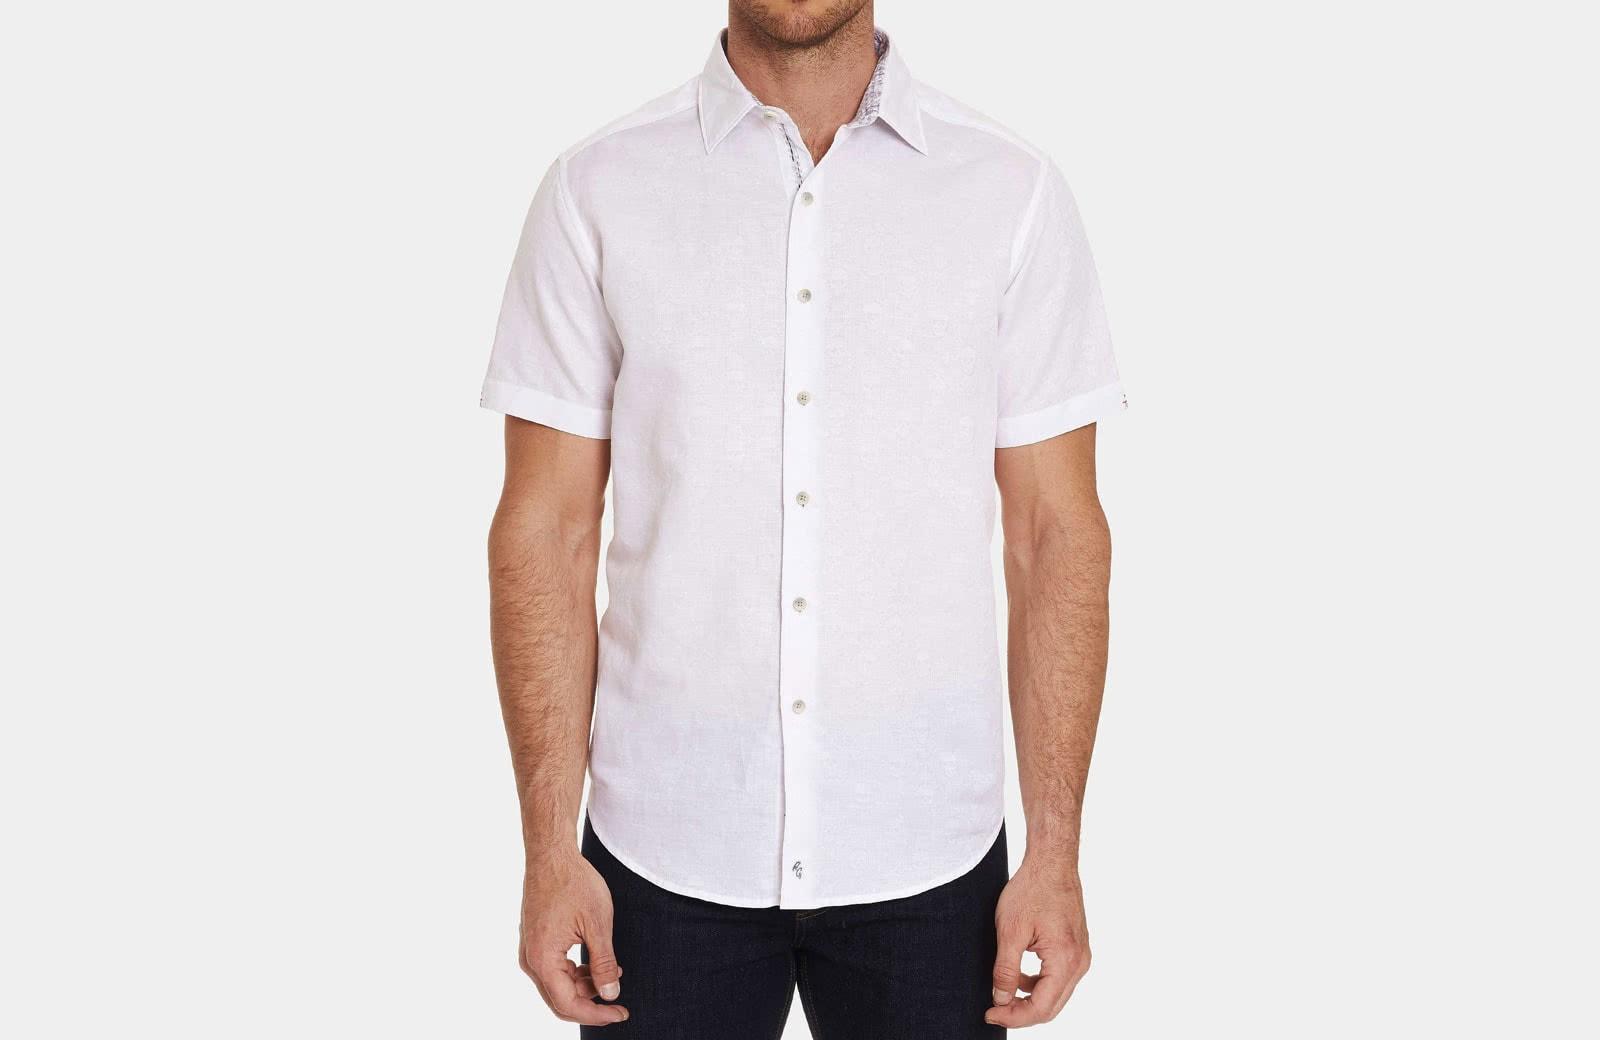 Robert Graham best men summer designer short sleeve shirt white - Luxe Digital